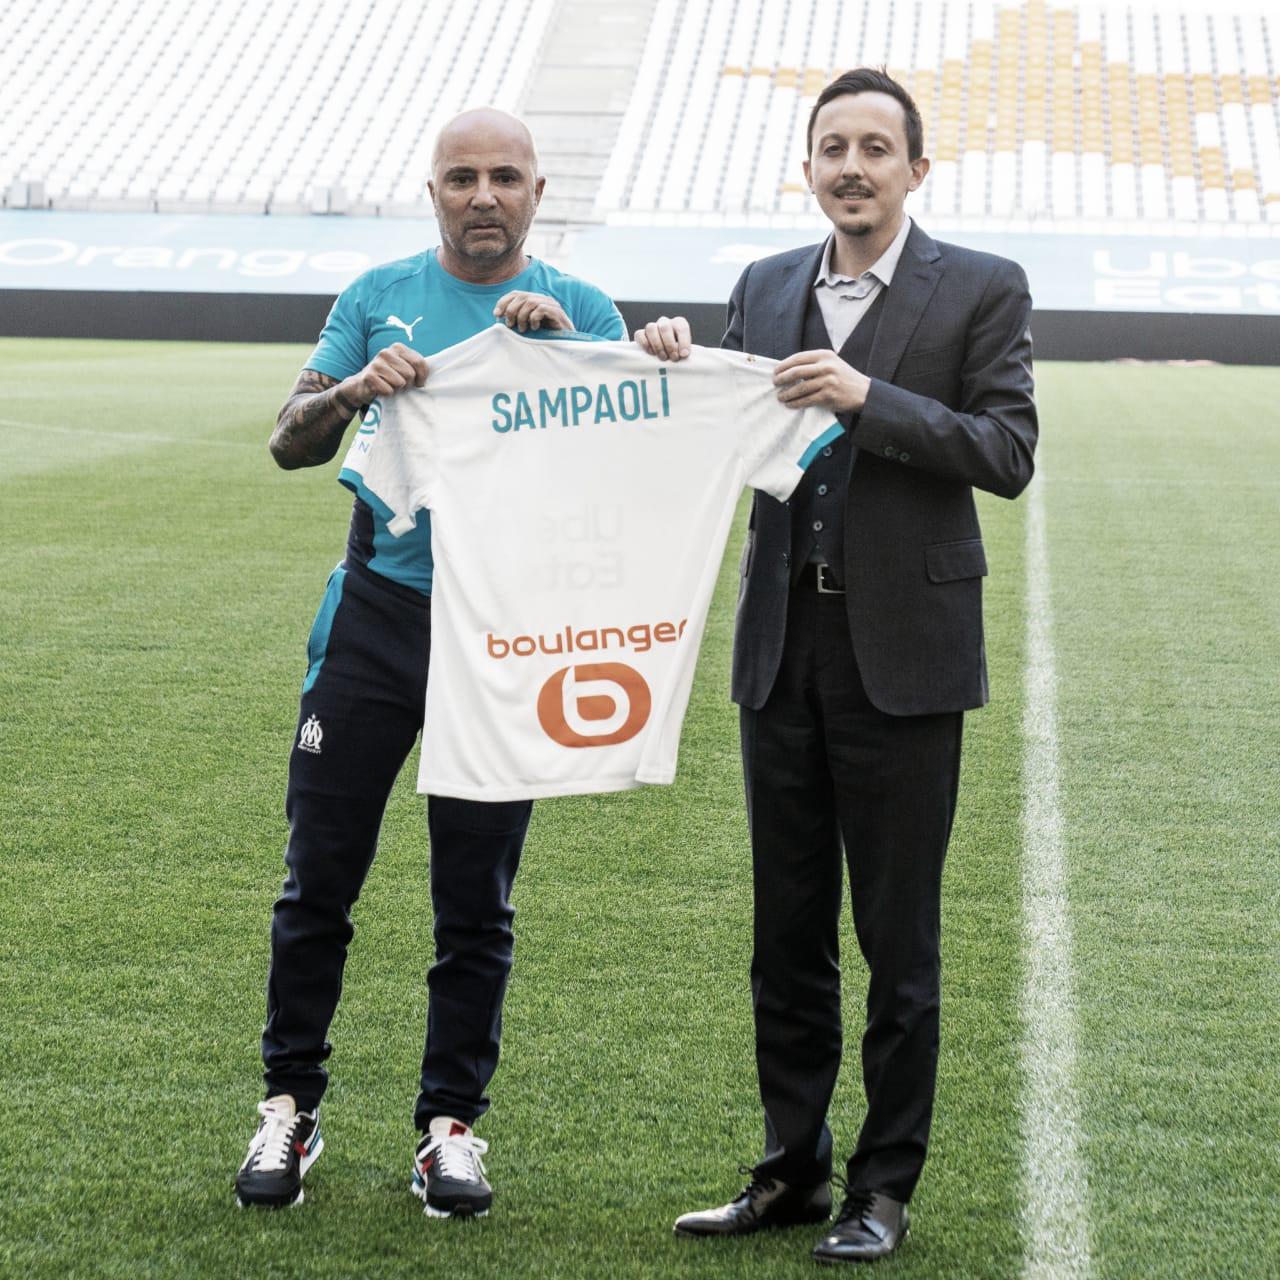 Jorge Sampaoli es el nuevo entrenador del Olympique de Marsella: ''No quiero intentar ser Bielsa''